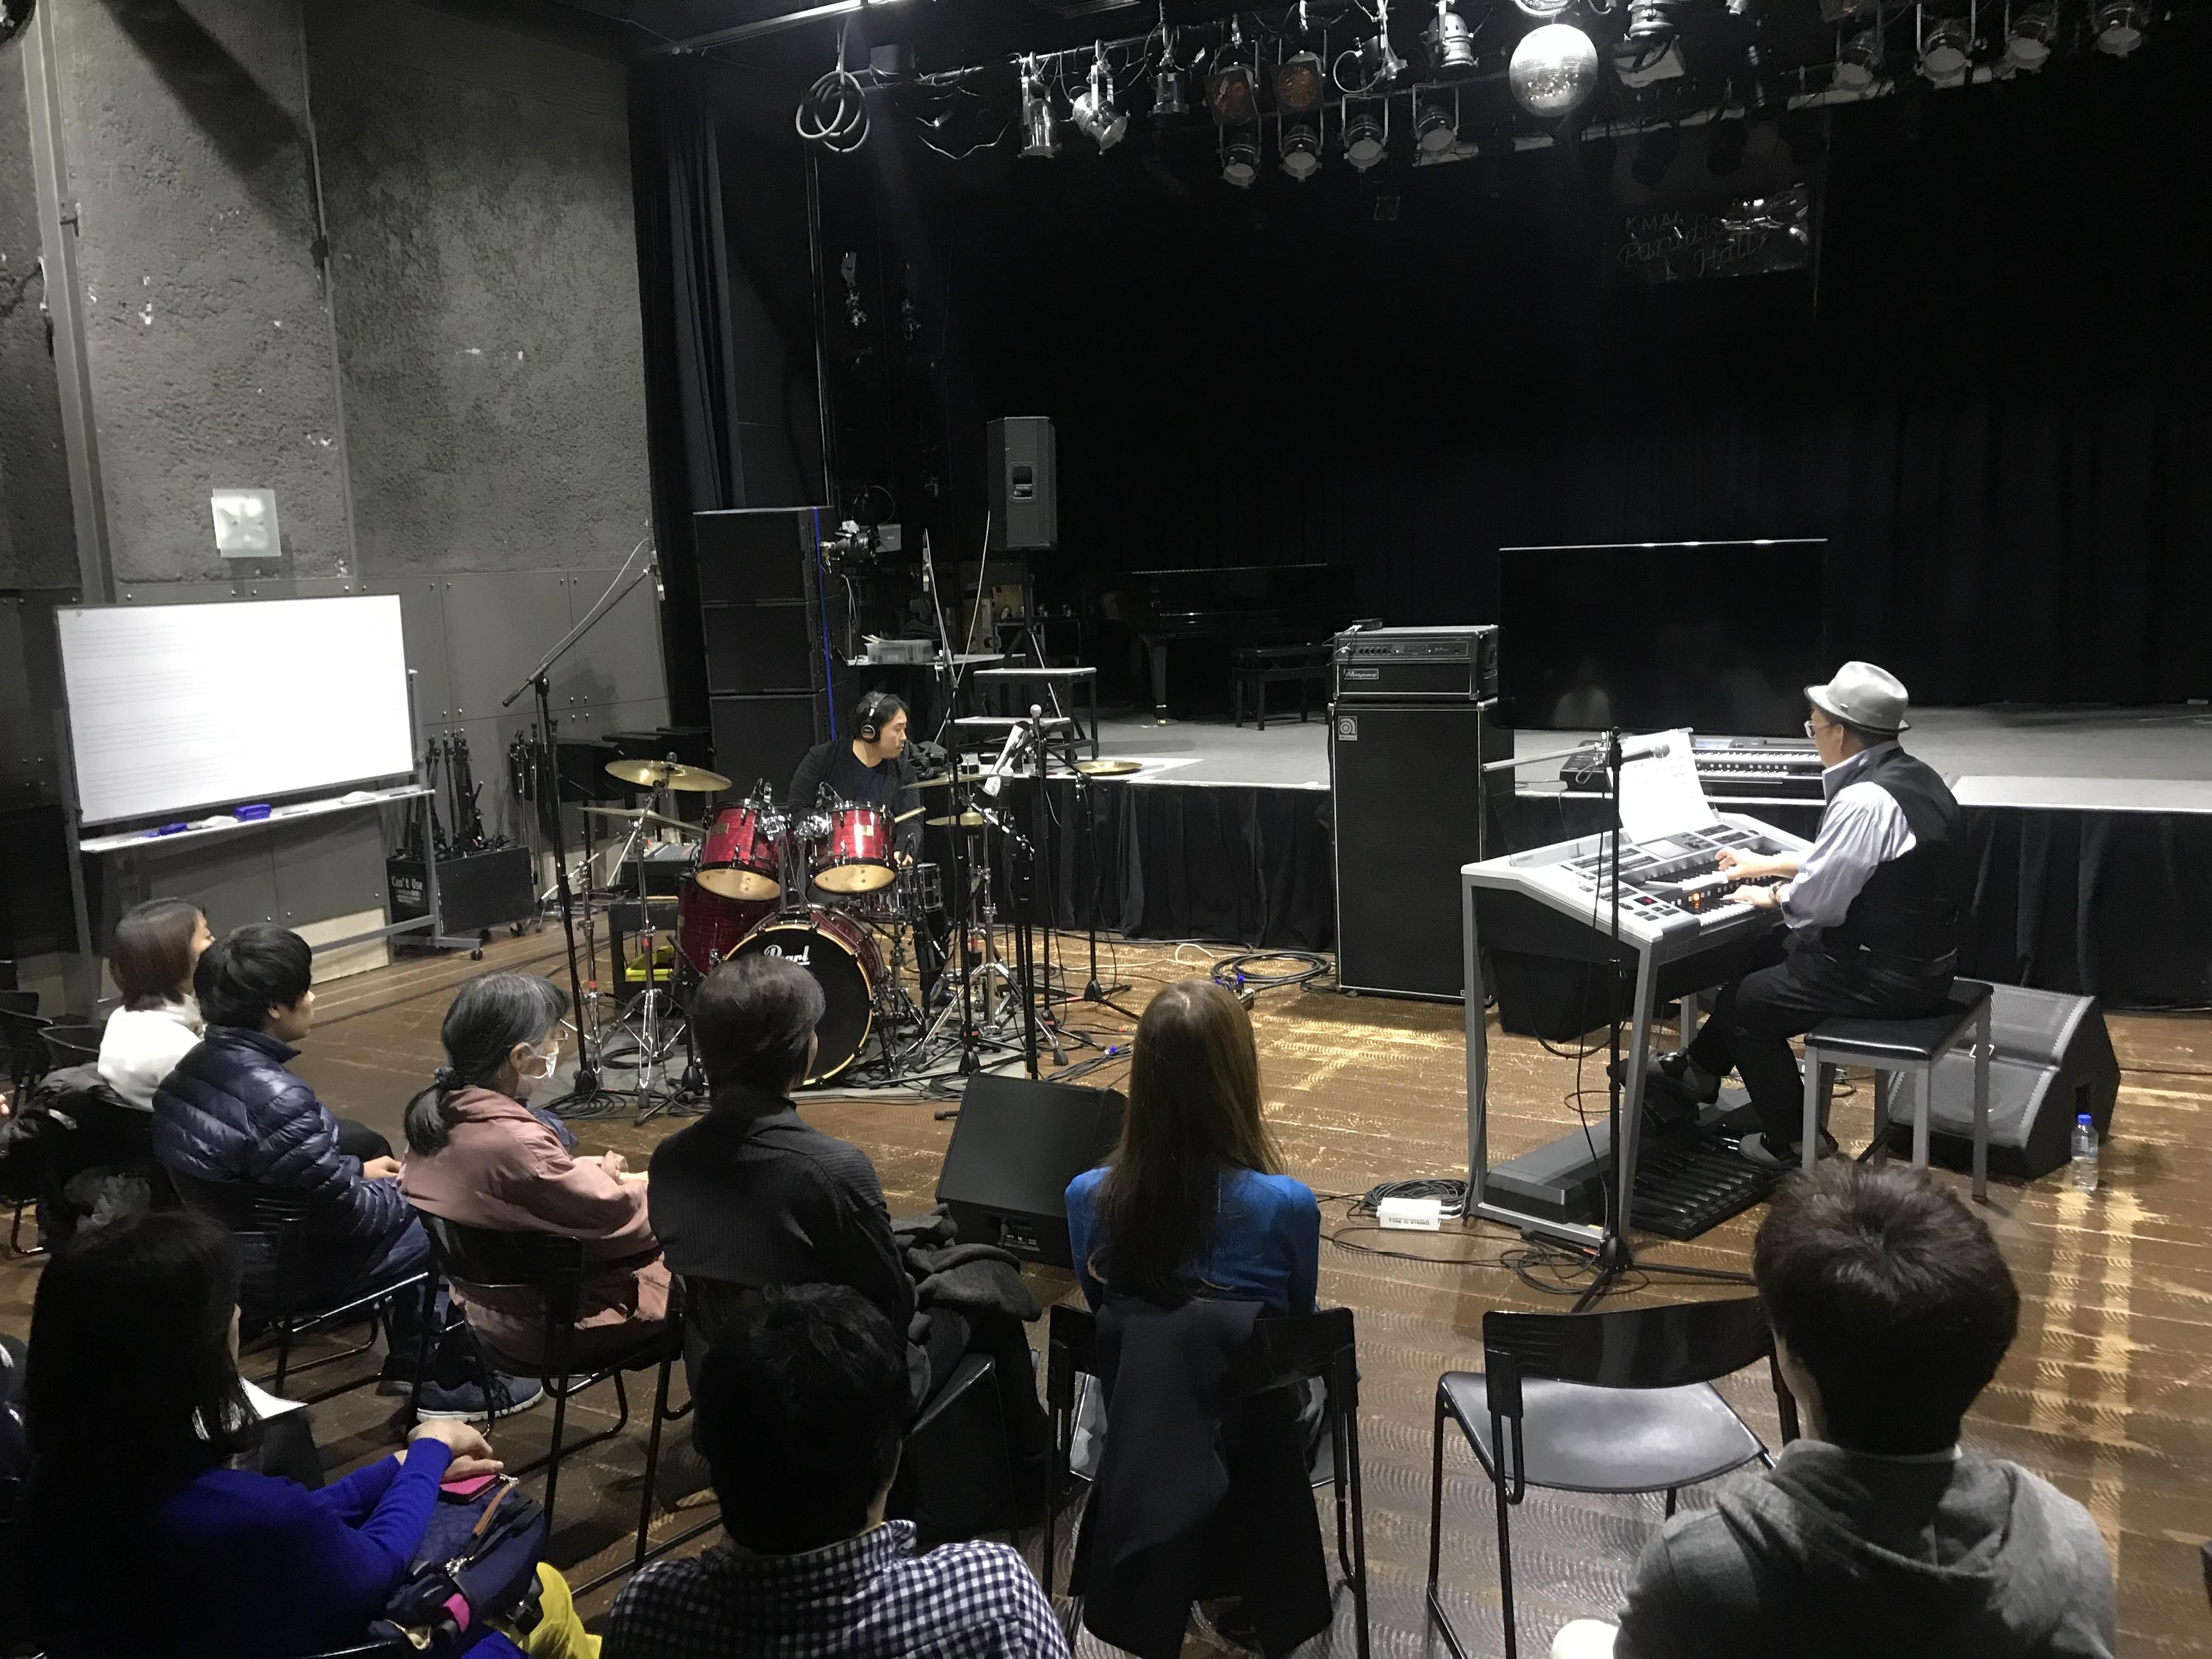 エレクトーンと生ドラムの共演。コラボ講座ならではのスペシャルライブを披露するおぎたひろゆき講師とオータケハヤト講師。